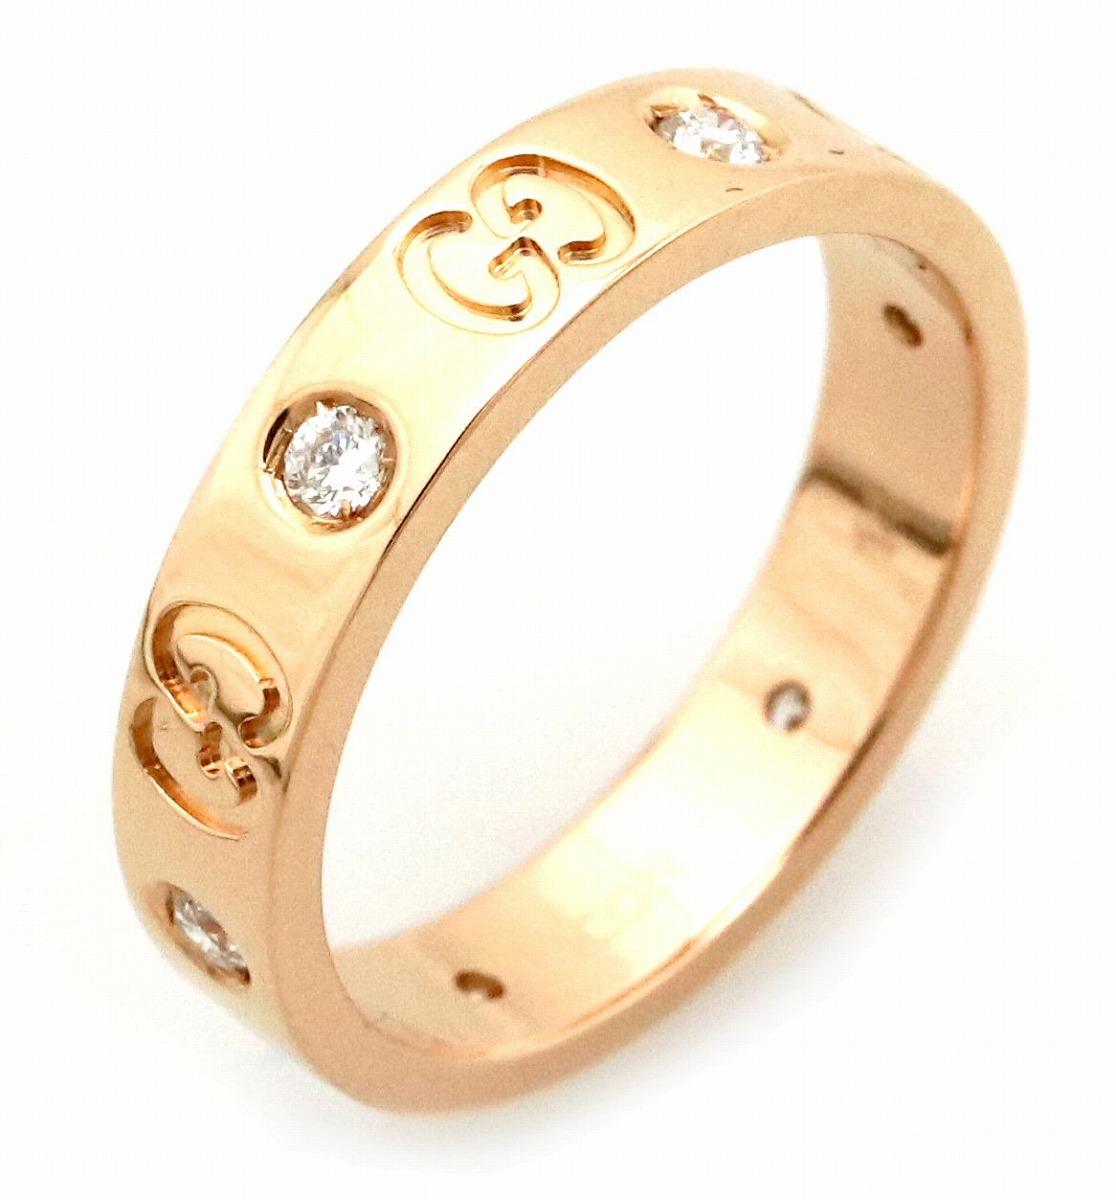 【ジュエリー】【新品仕上げ済】GUCCI グッチ アイコン リング 指輪 GGロゴ K18PG 750PG ピンクゴールド ダイヤモンド 6Pダイヤ #14 14号 【中古】